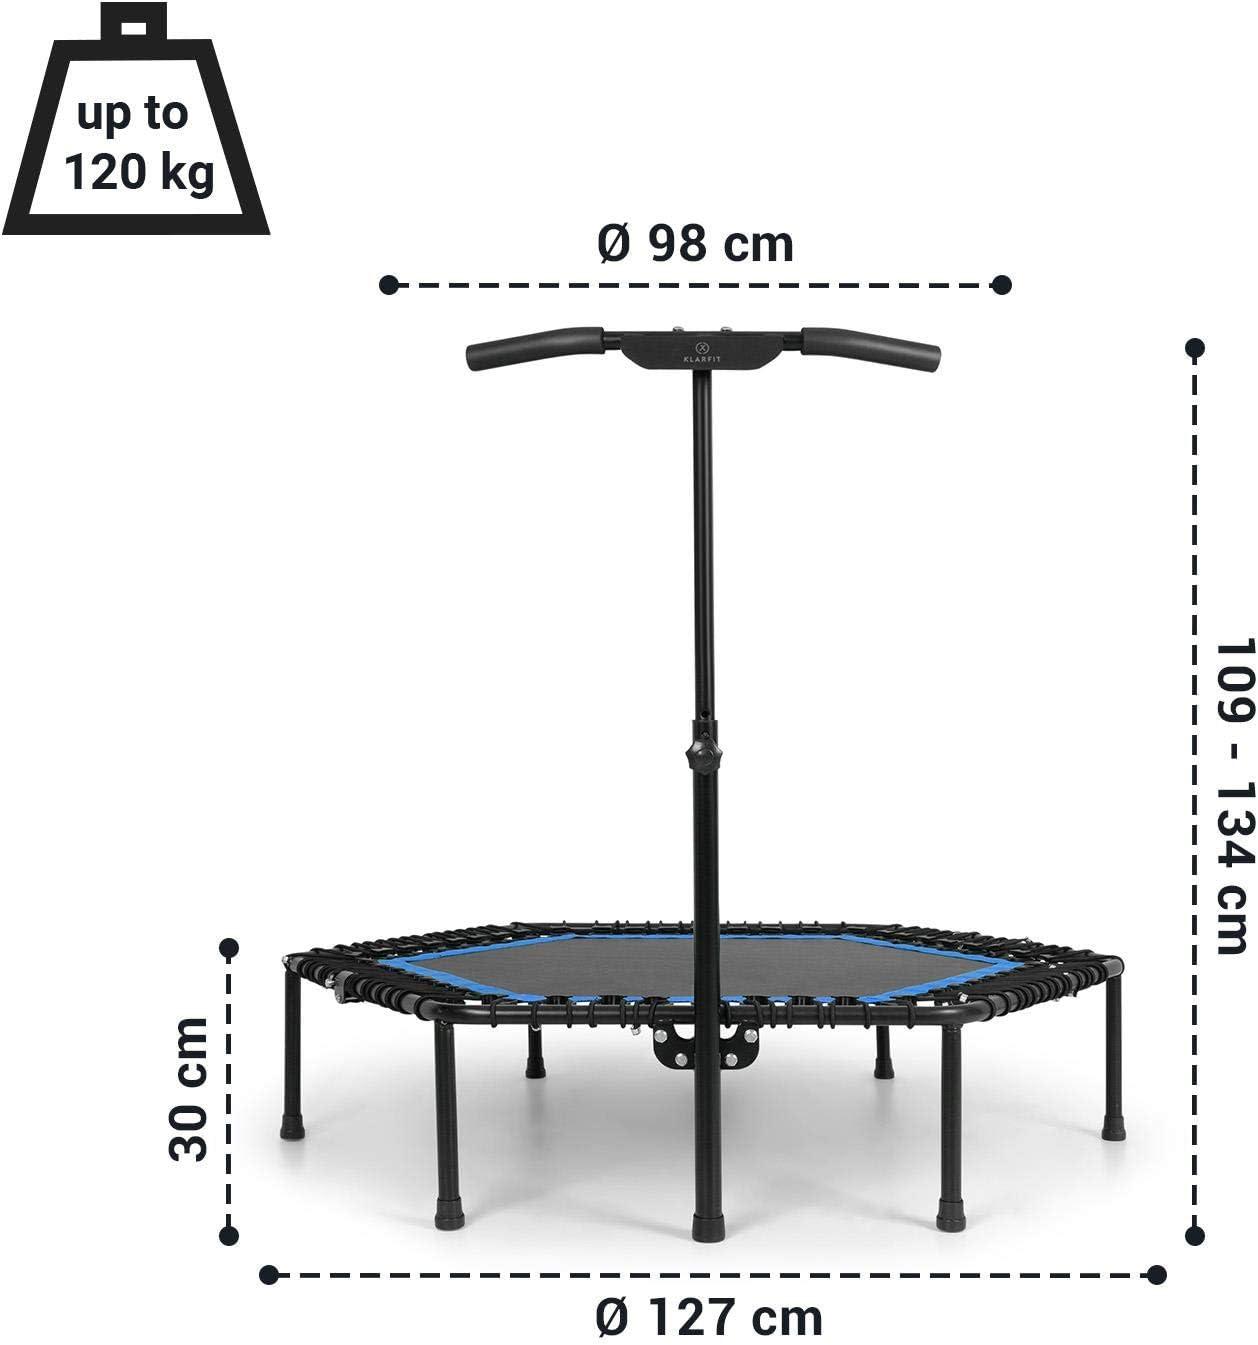 Poign/ée /à/6 Niveaux Une Seule Corde avec 48 tendeurs Charge Max KLAR FIT Klarfit Jumpanatic Pro Surface de Trampoline de /Ø 127 cm//de Saut de /Ø/ 98 cm de 120 kg Trampoline Fitness